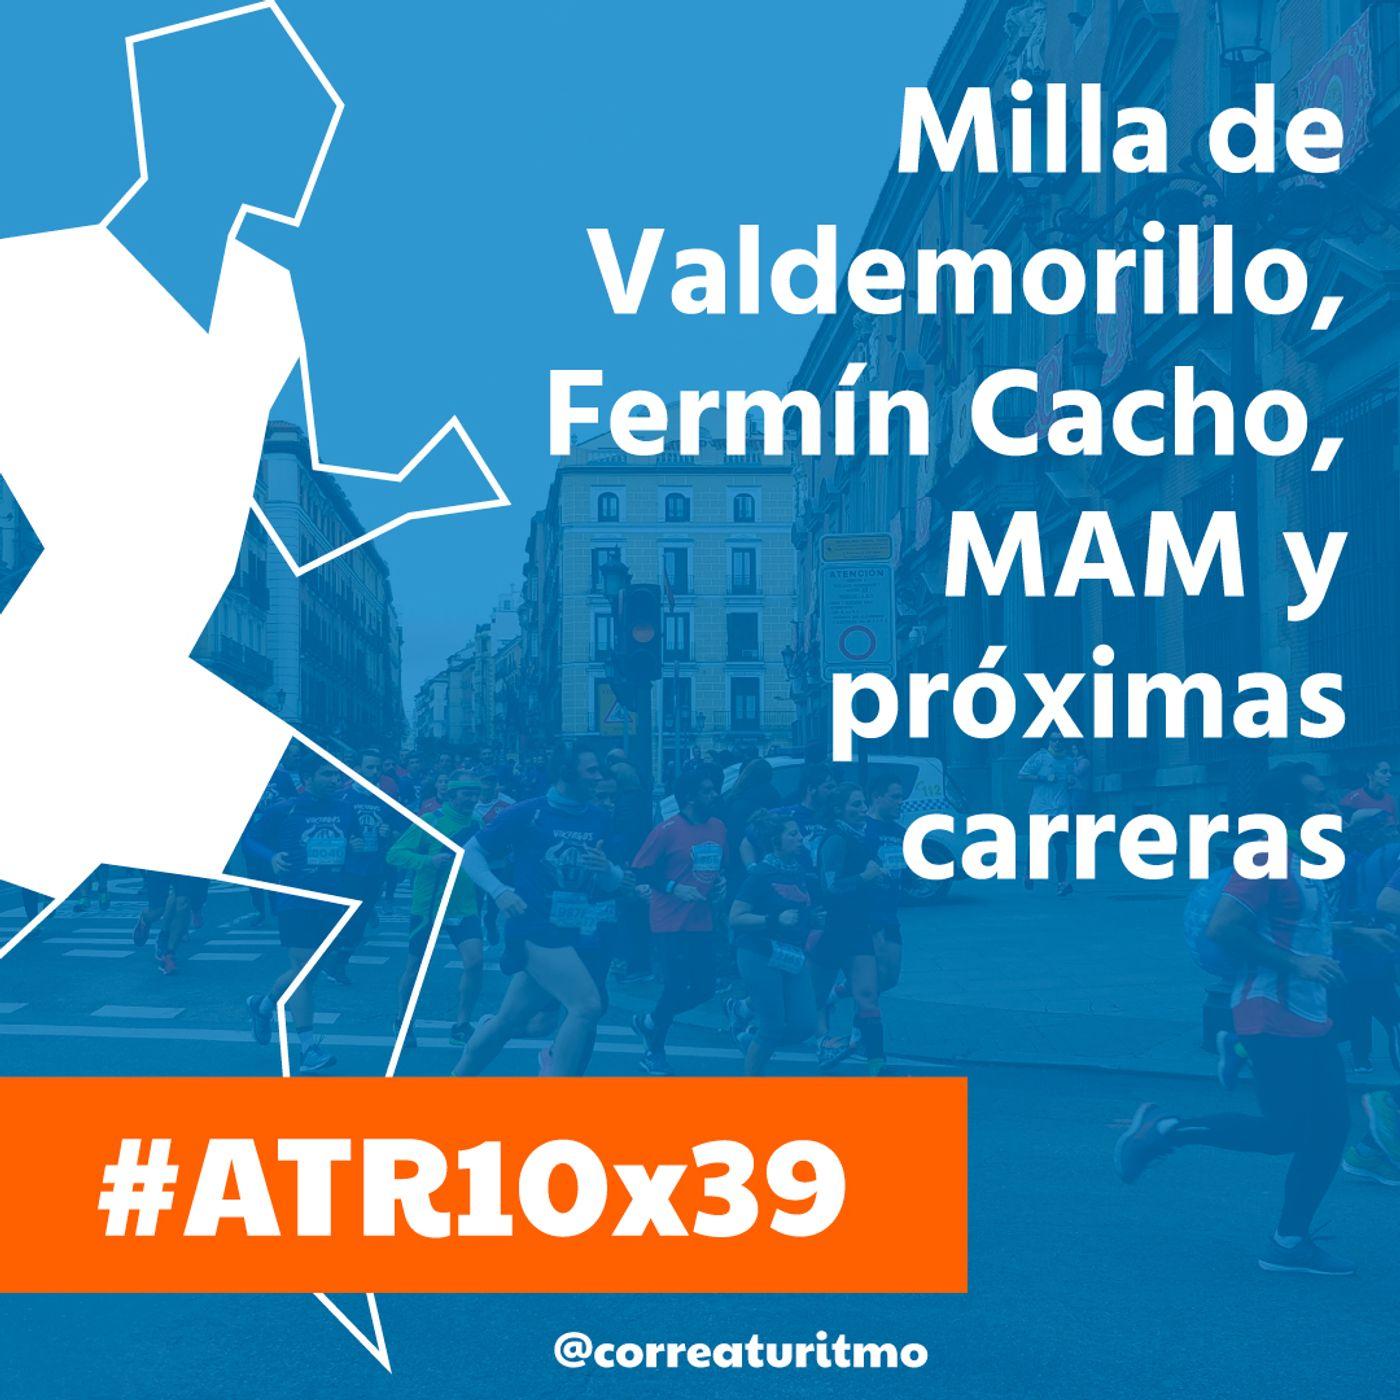 ATR 10x39 - Milla de Valdemorillo, Fermín Cacho y próximas carreras